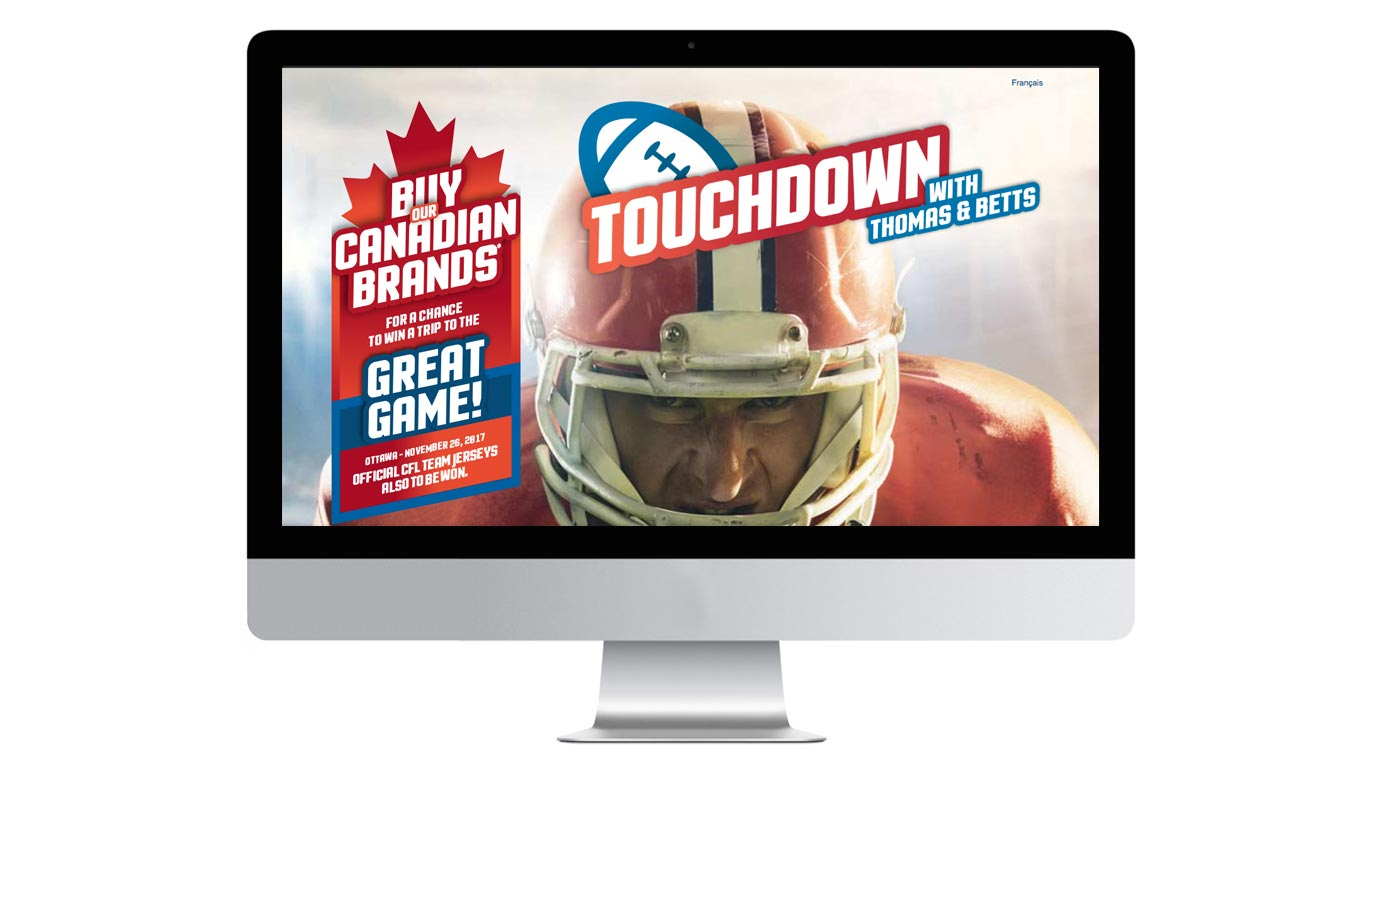 site web promotion Touchdown de Thomas & Betts